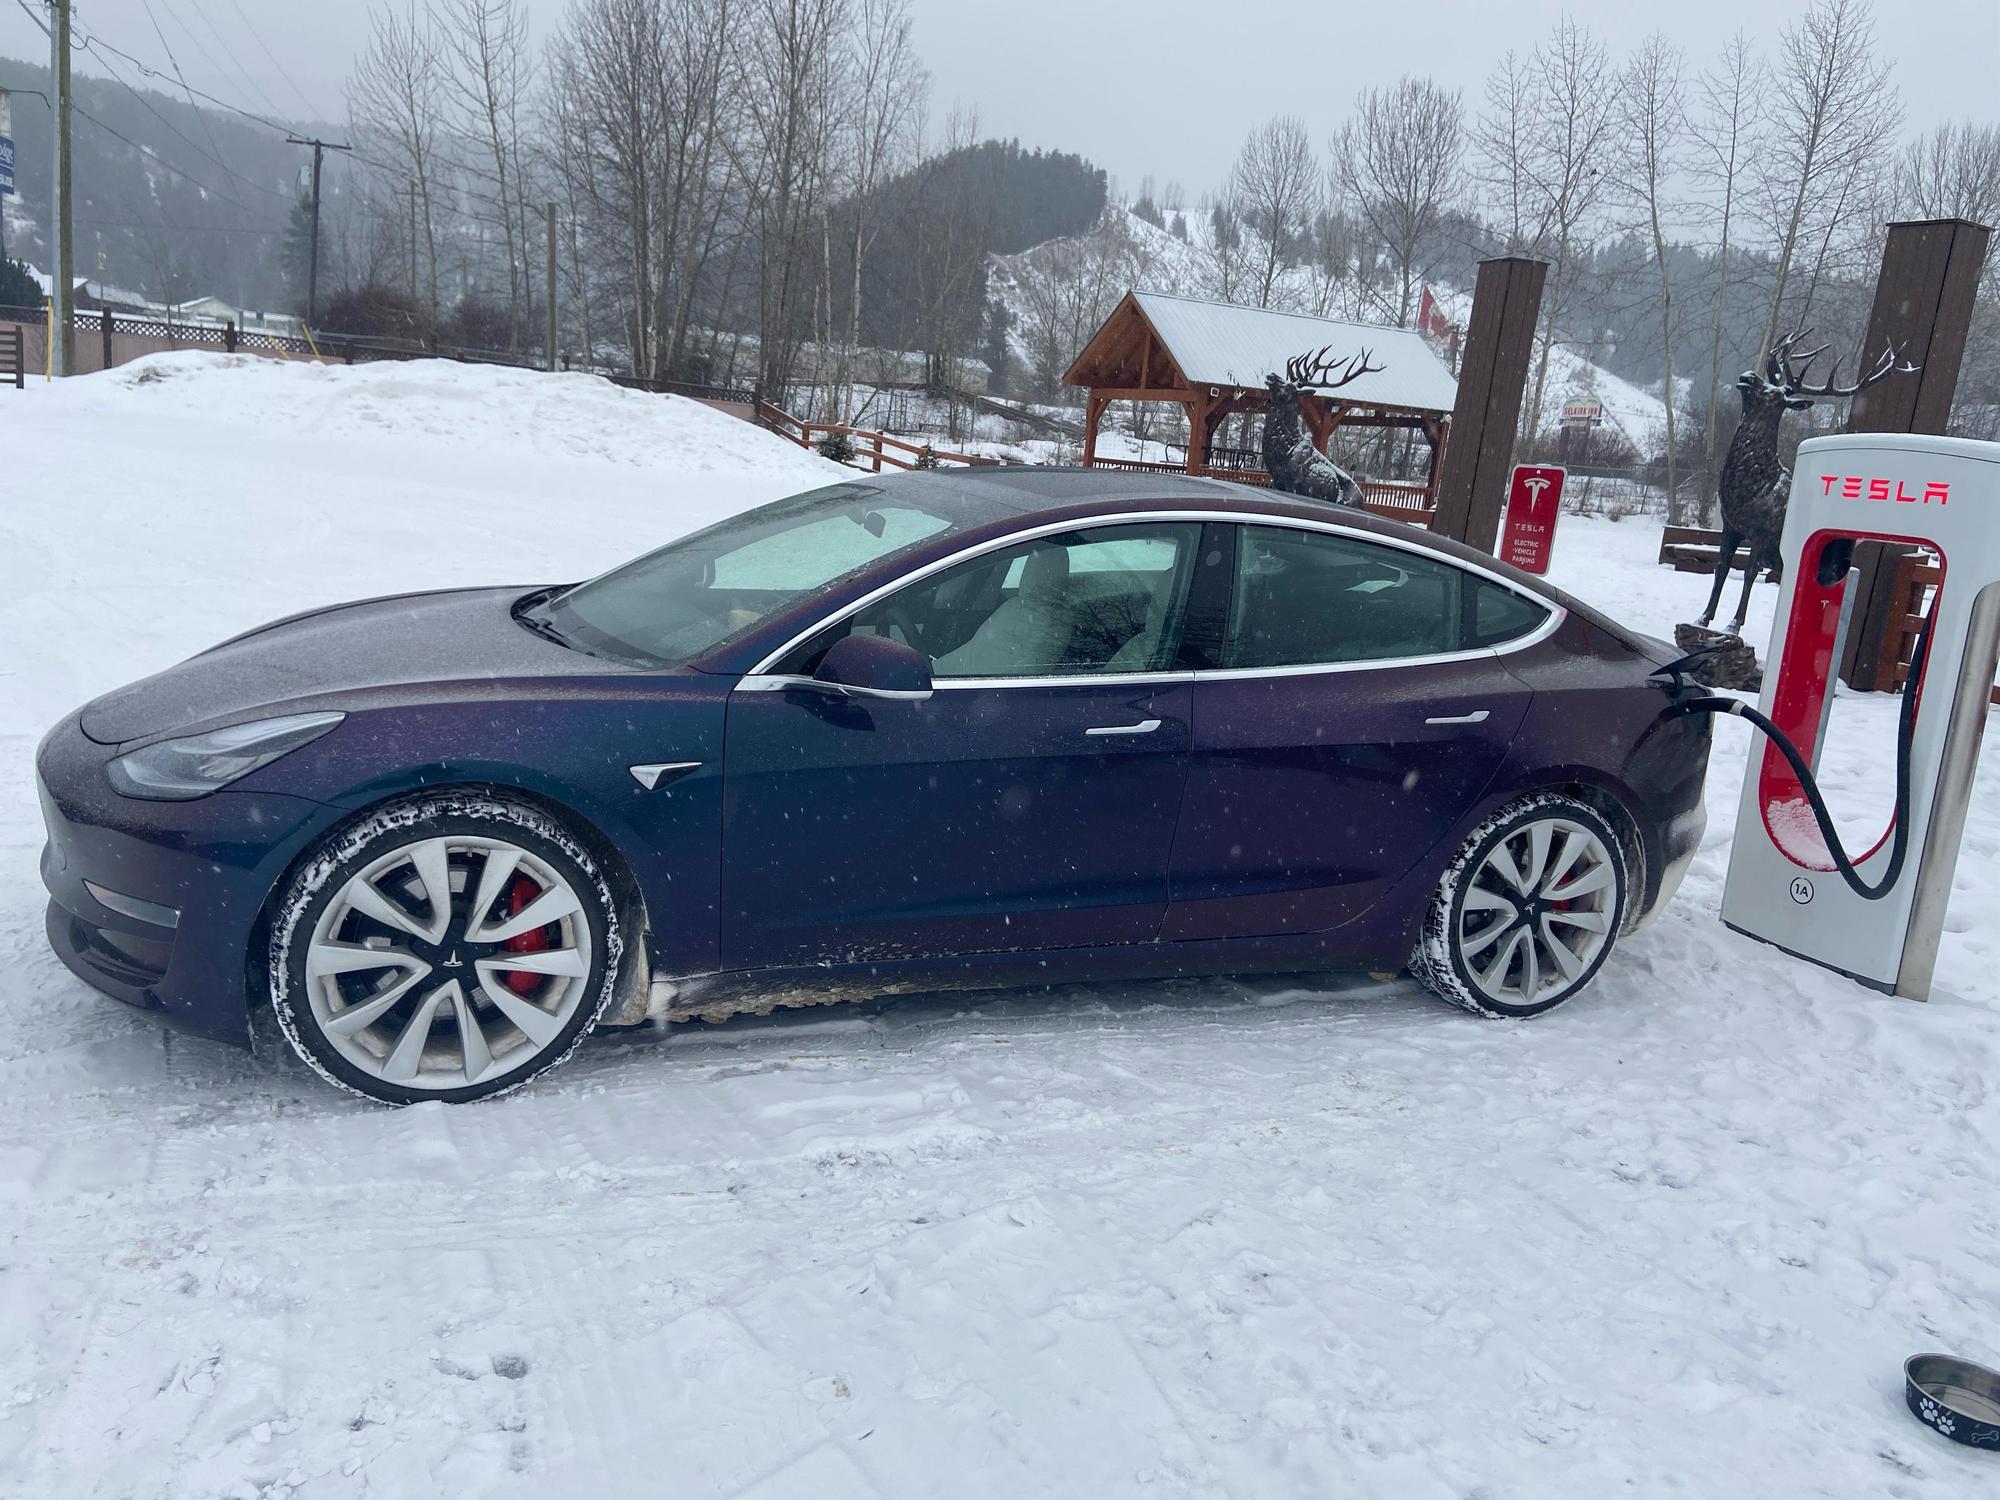 Τα Tesla σώζουν από τον χιονιά